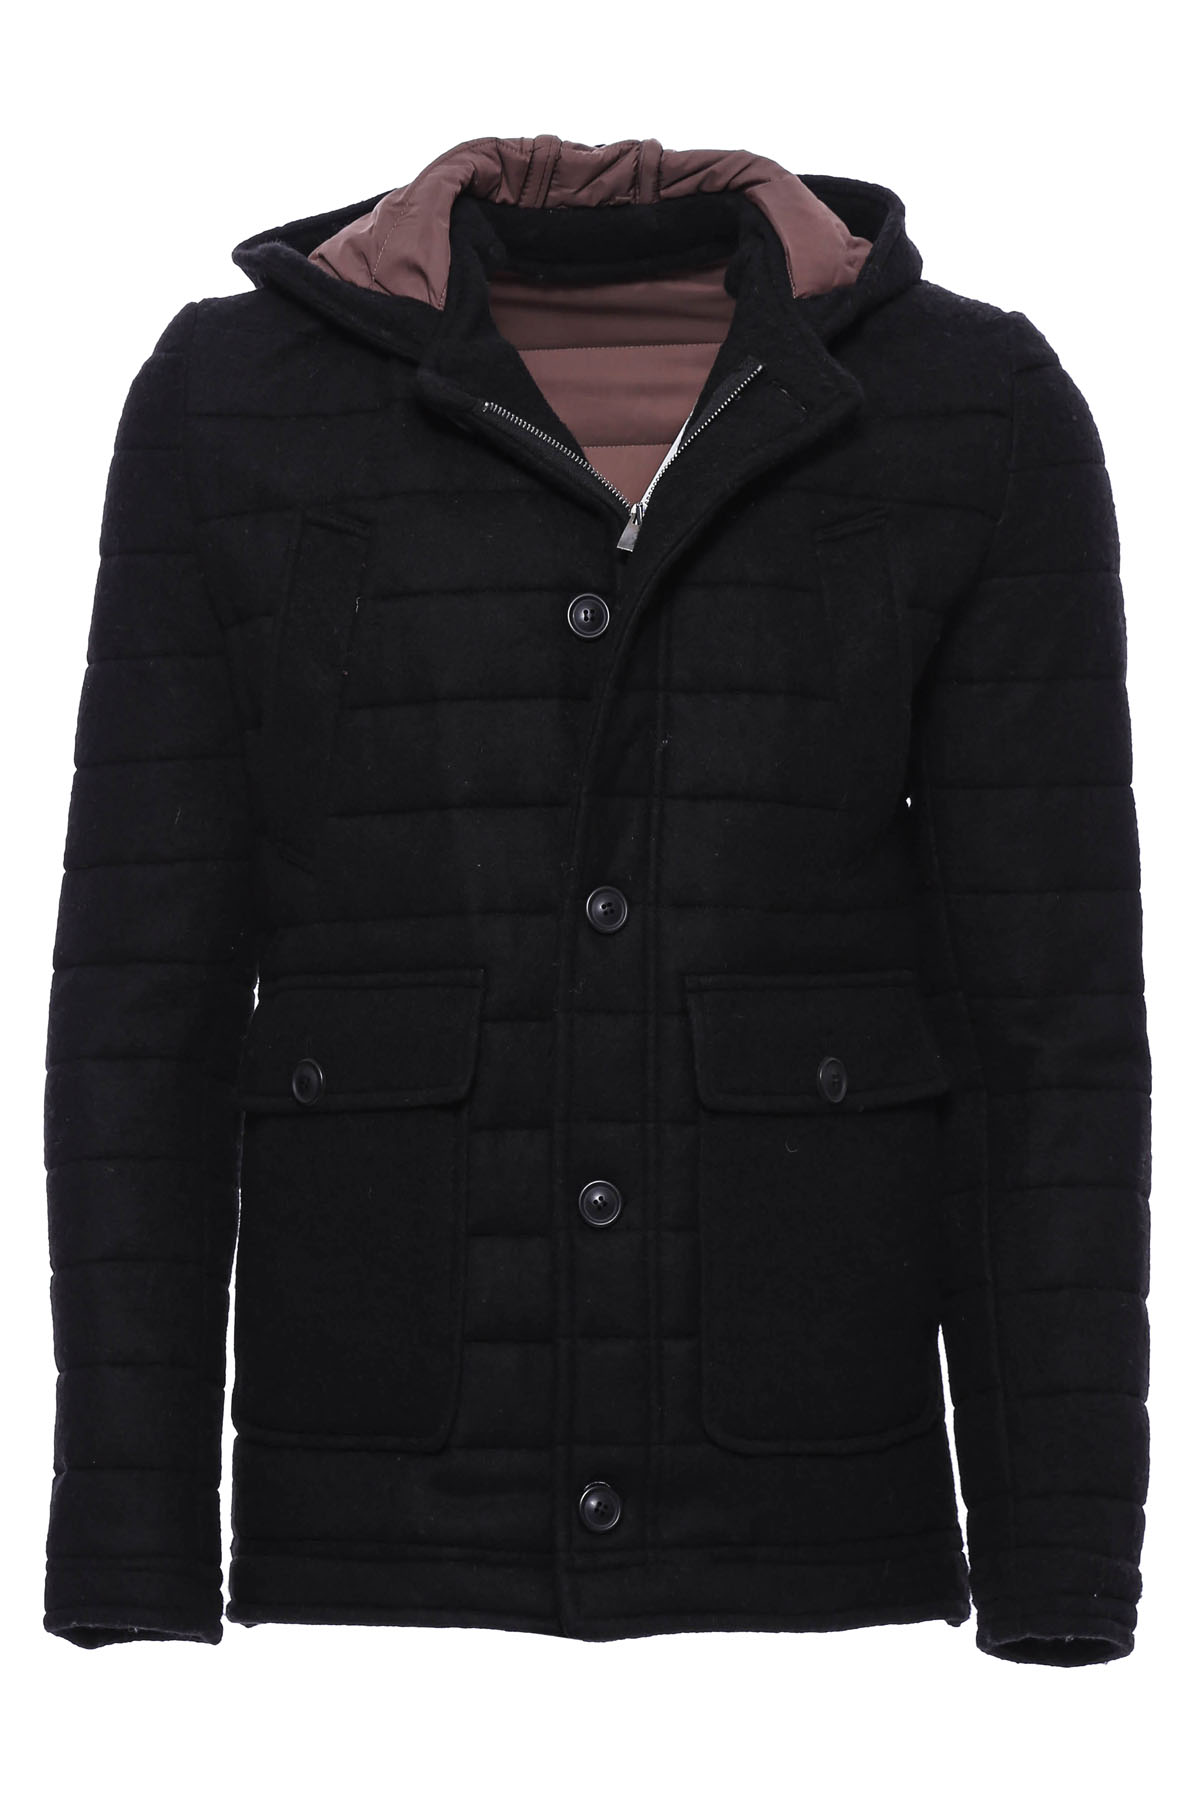 Men's Hooded Black Felt Coat